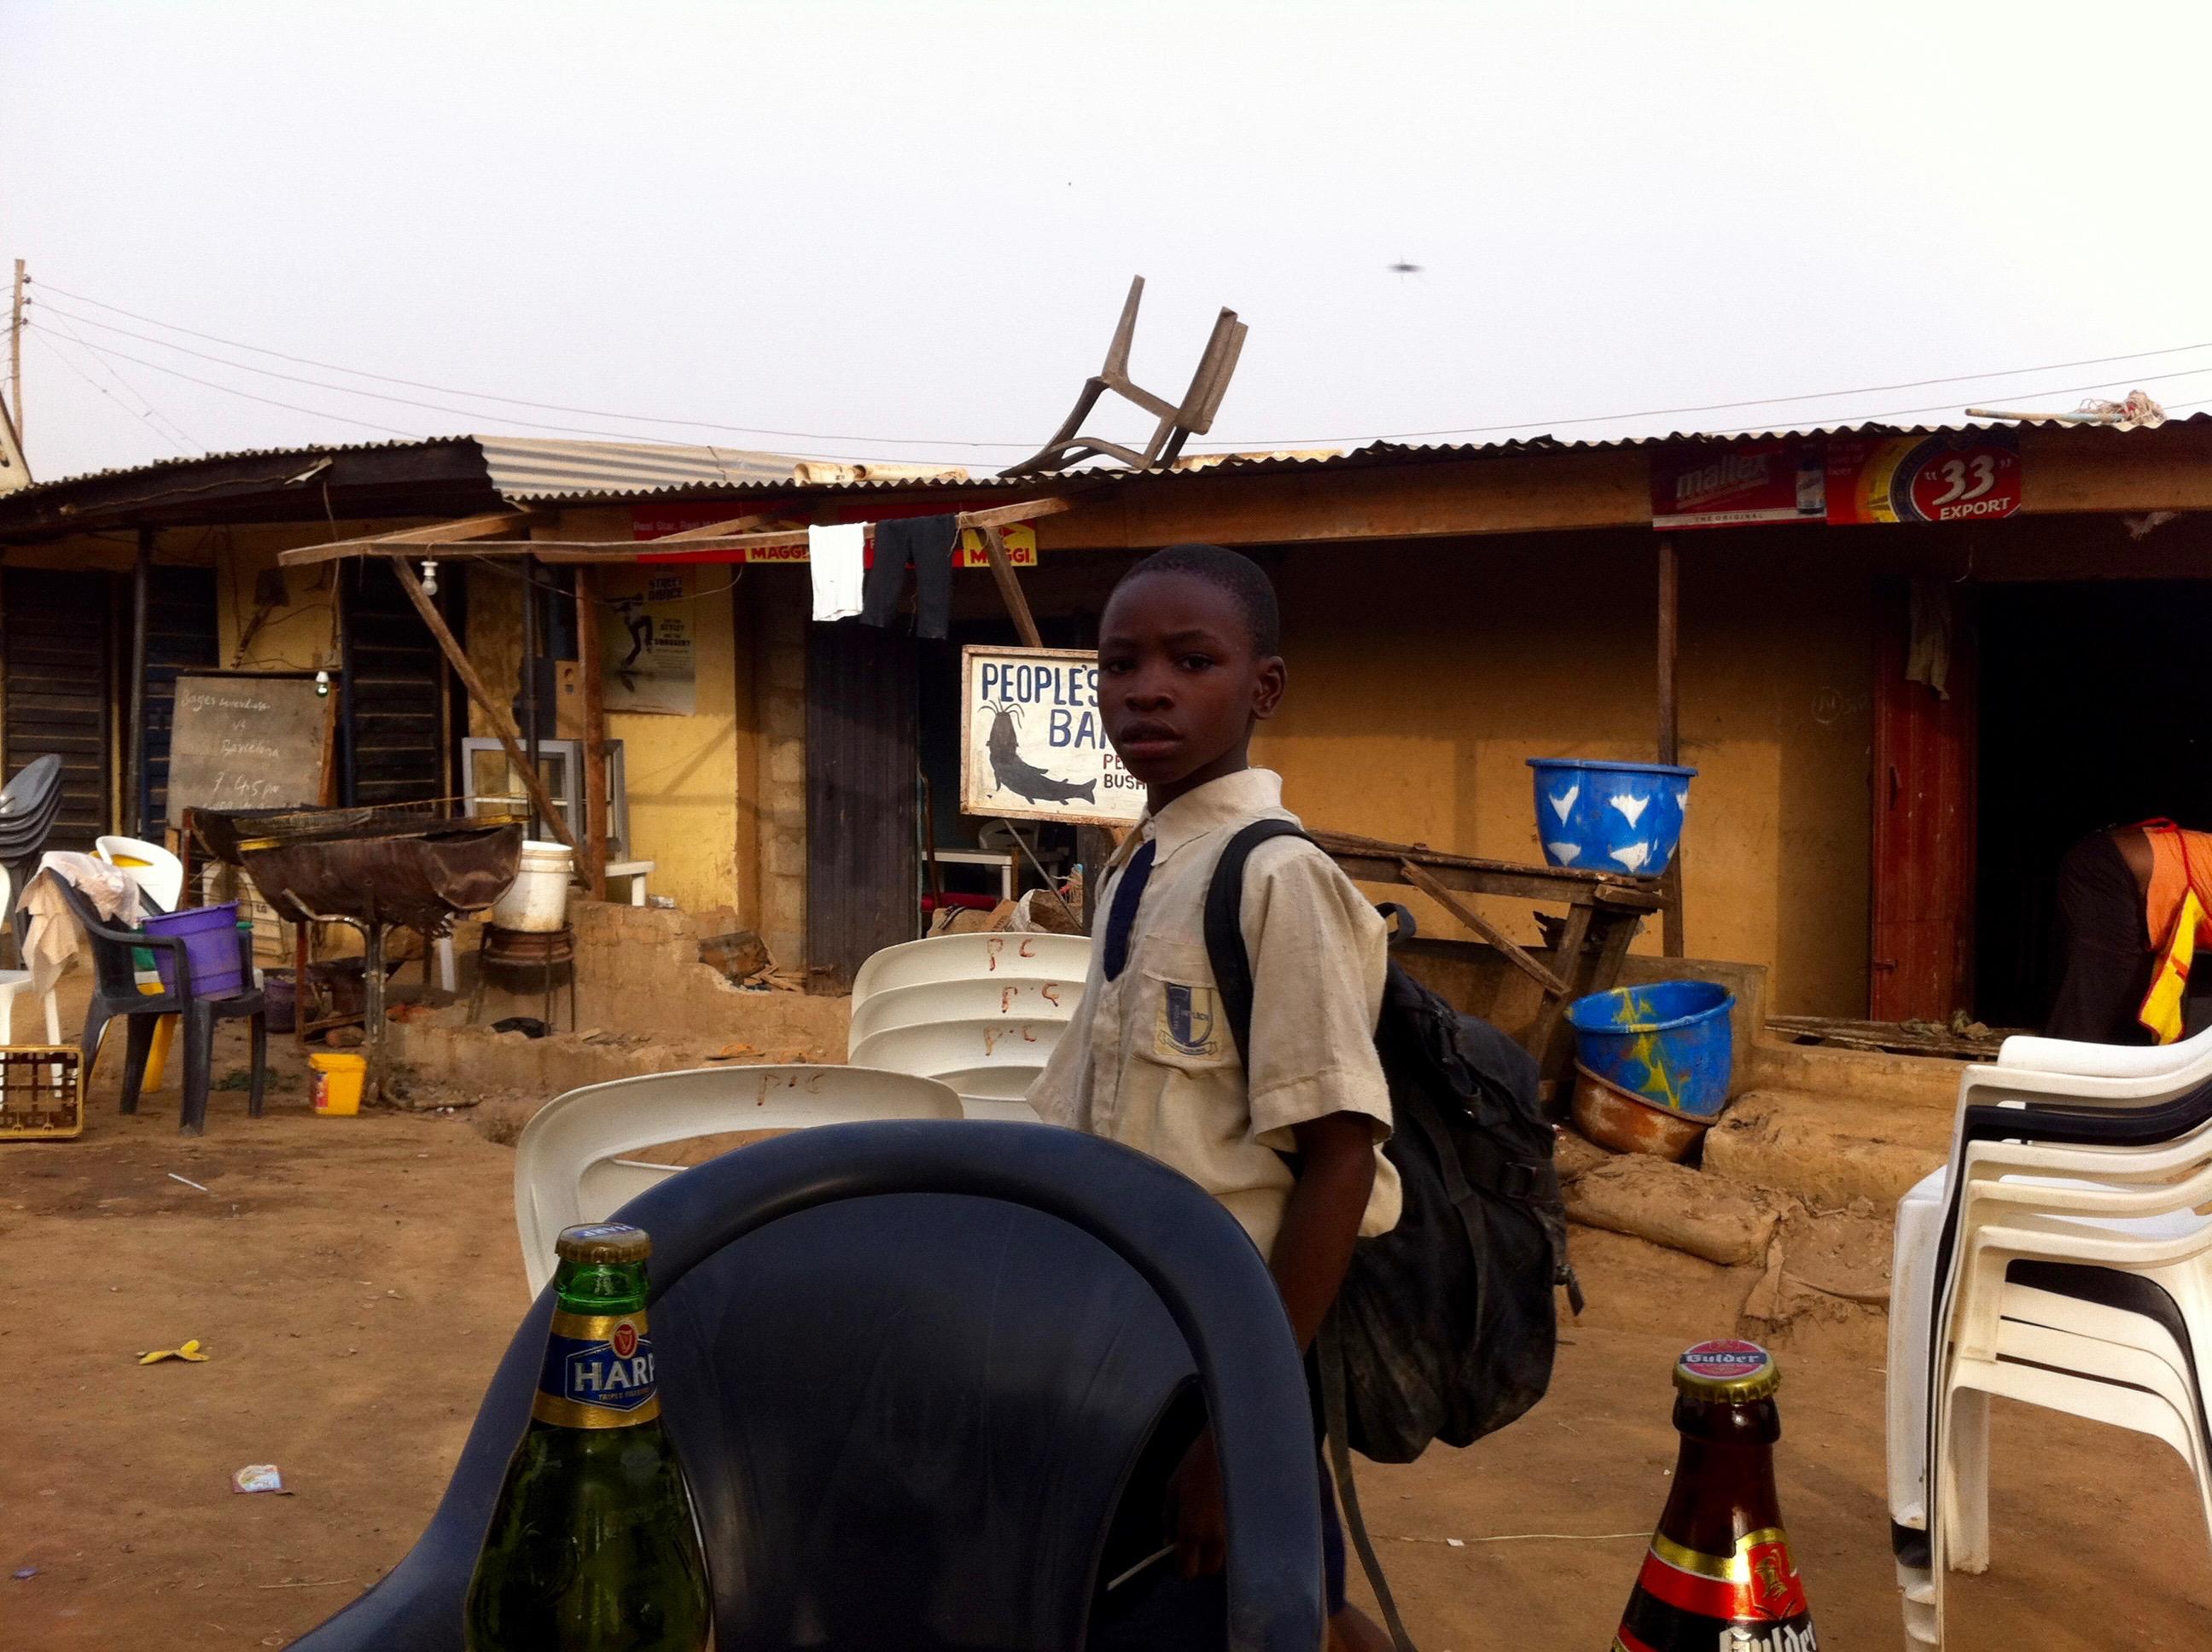 School boy in Mpape, Abuja, Nigeria. #JujuFilms